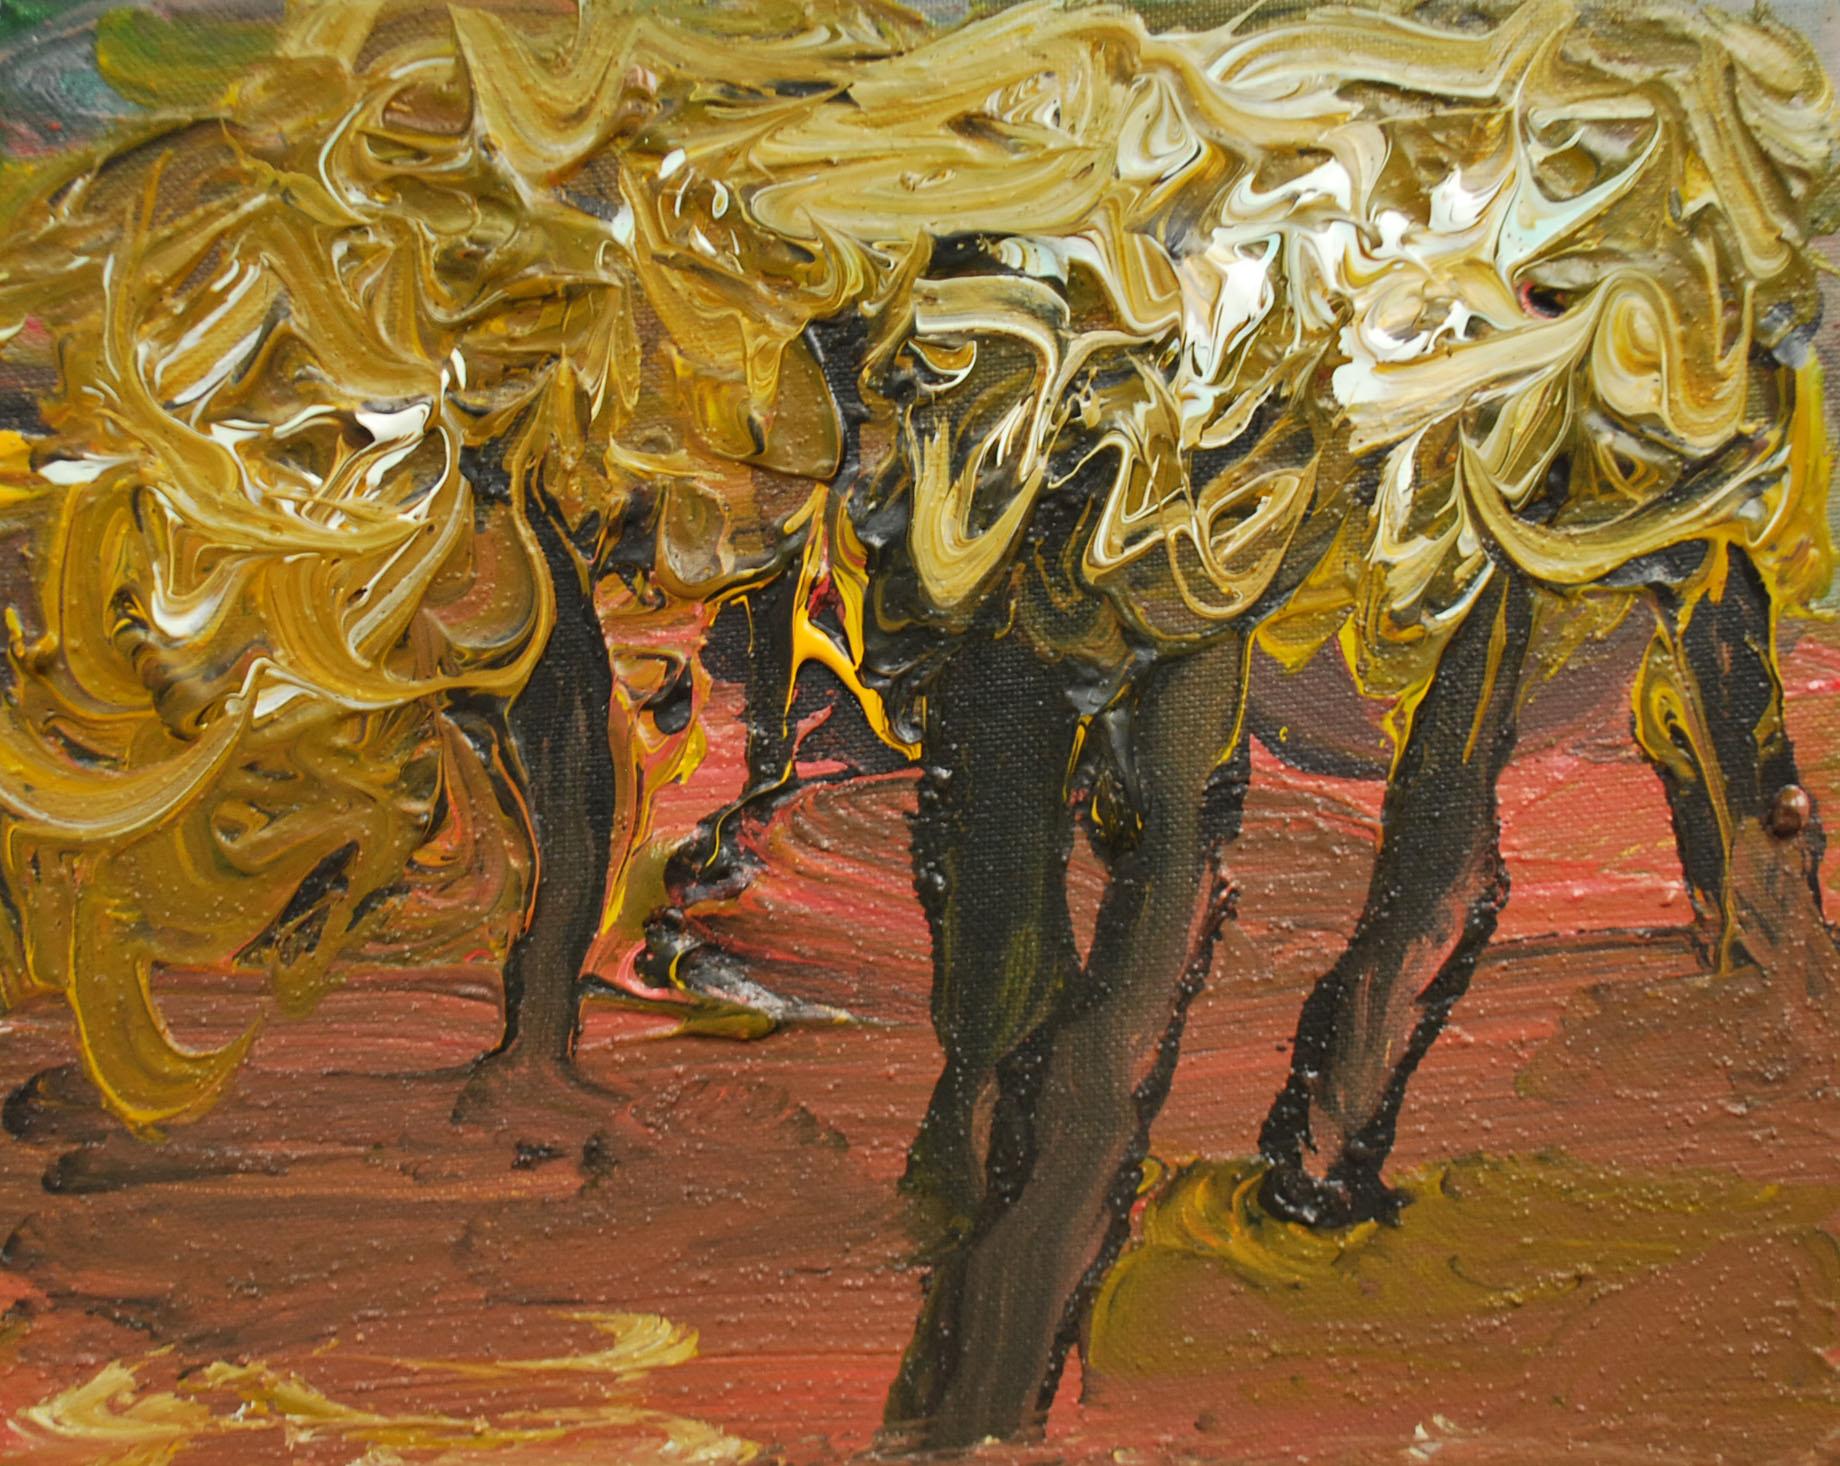 sans-titre-6-2012-technique-mixte-sur-toile-200x170-cm